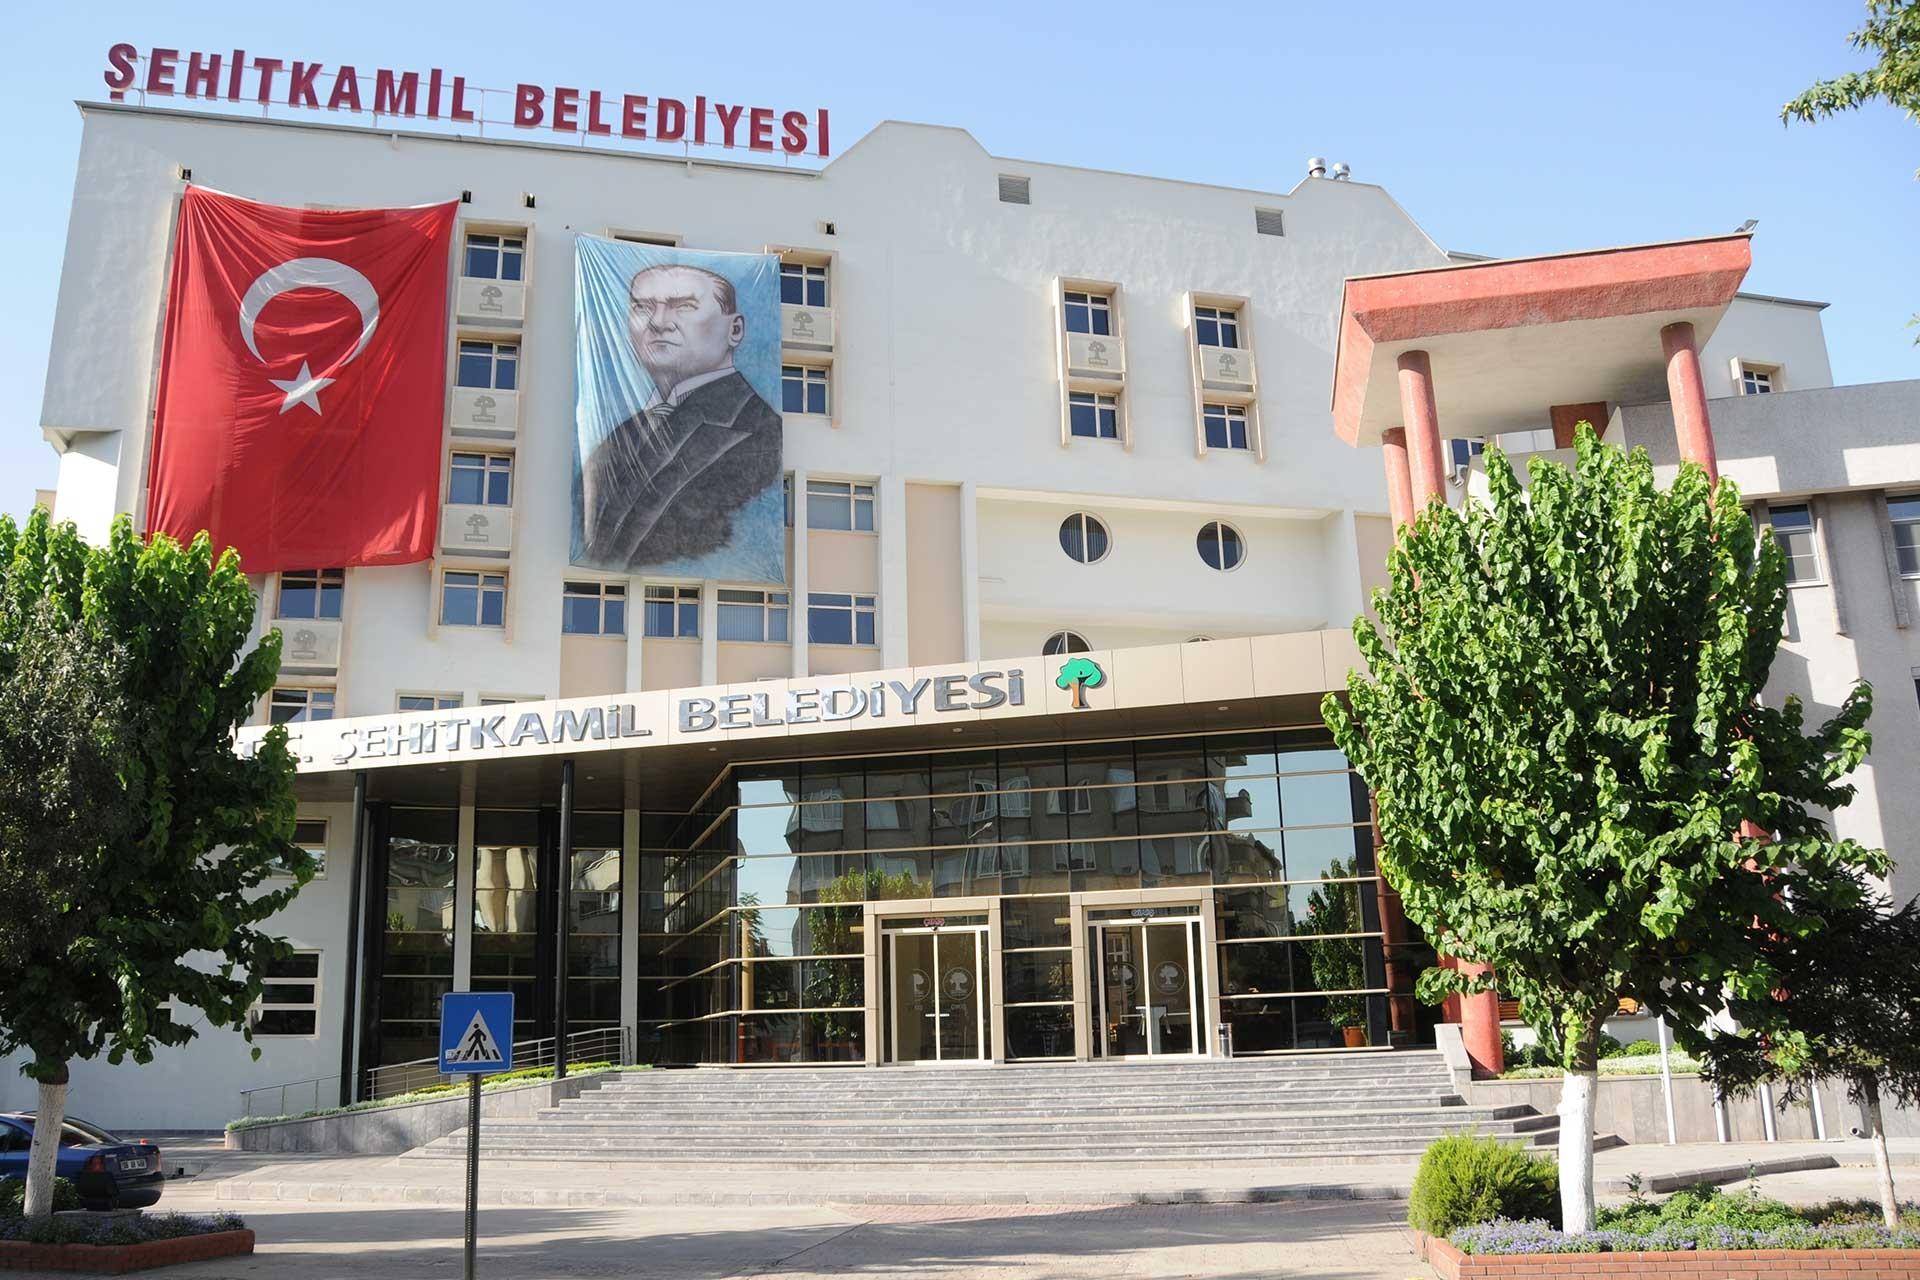 Gaziantep Şehitkamil Belediyesi 5 Adet Arsa Satışı Yapacak